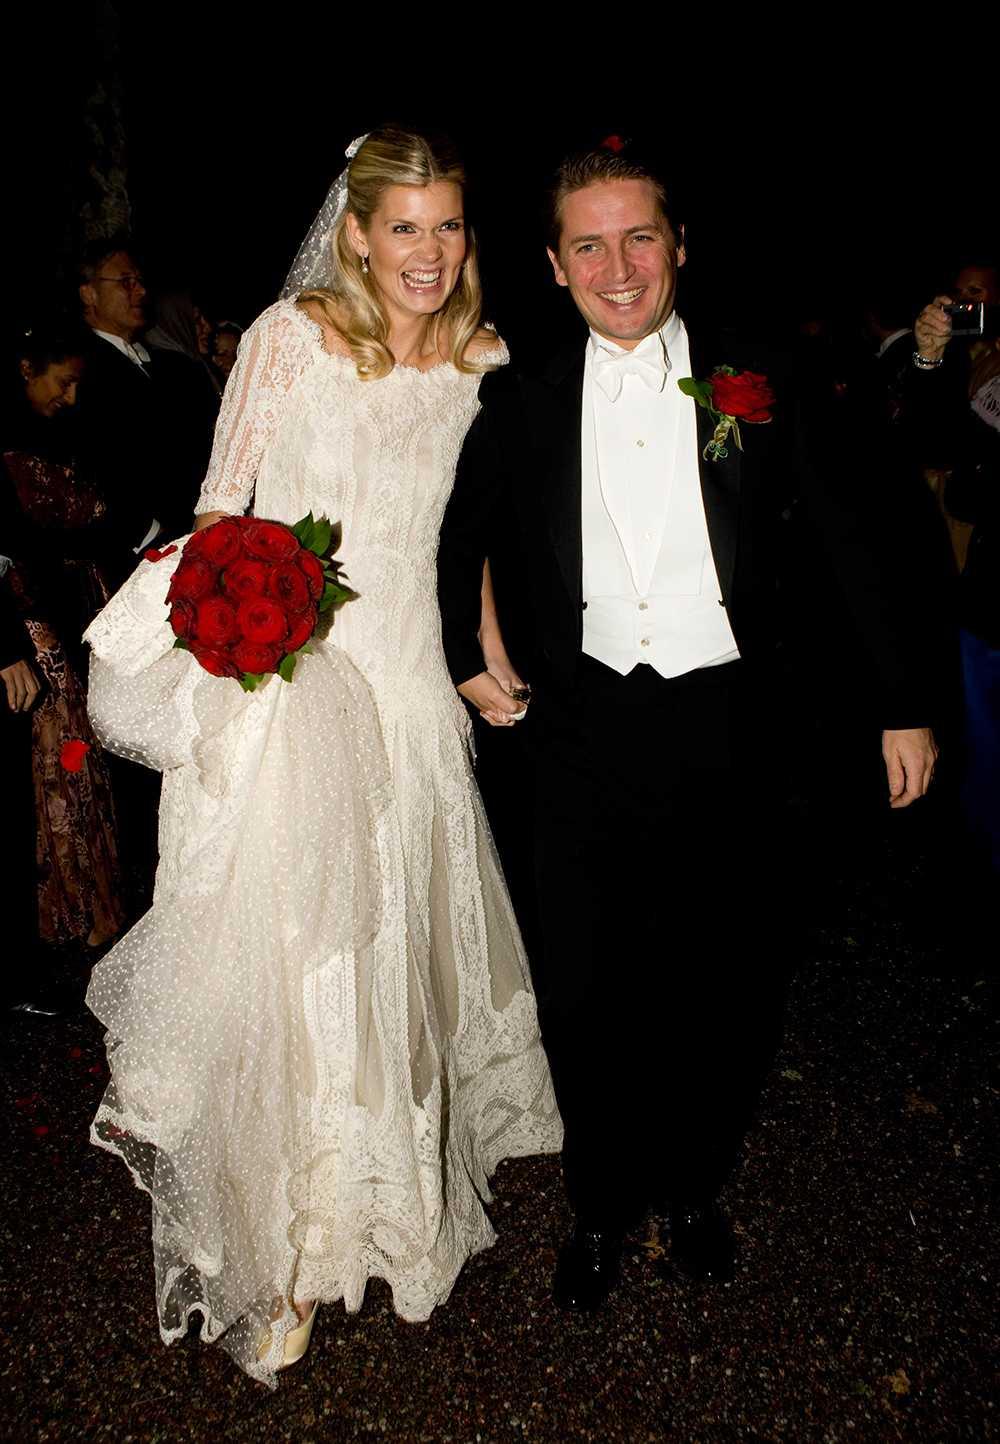 Före detta modellen Filippa Hagman valde en romantisk spetsklänning och en lång slöja på sitt bröllop med Oscar Forsberg 2008. Brudbuketten bestod av djupröda rosor.